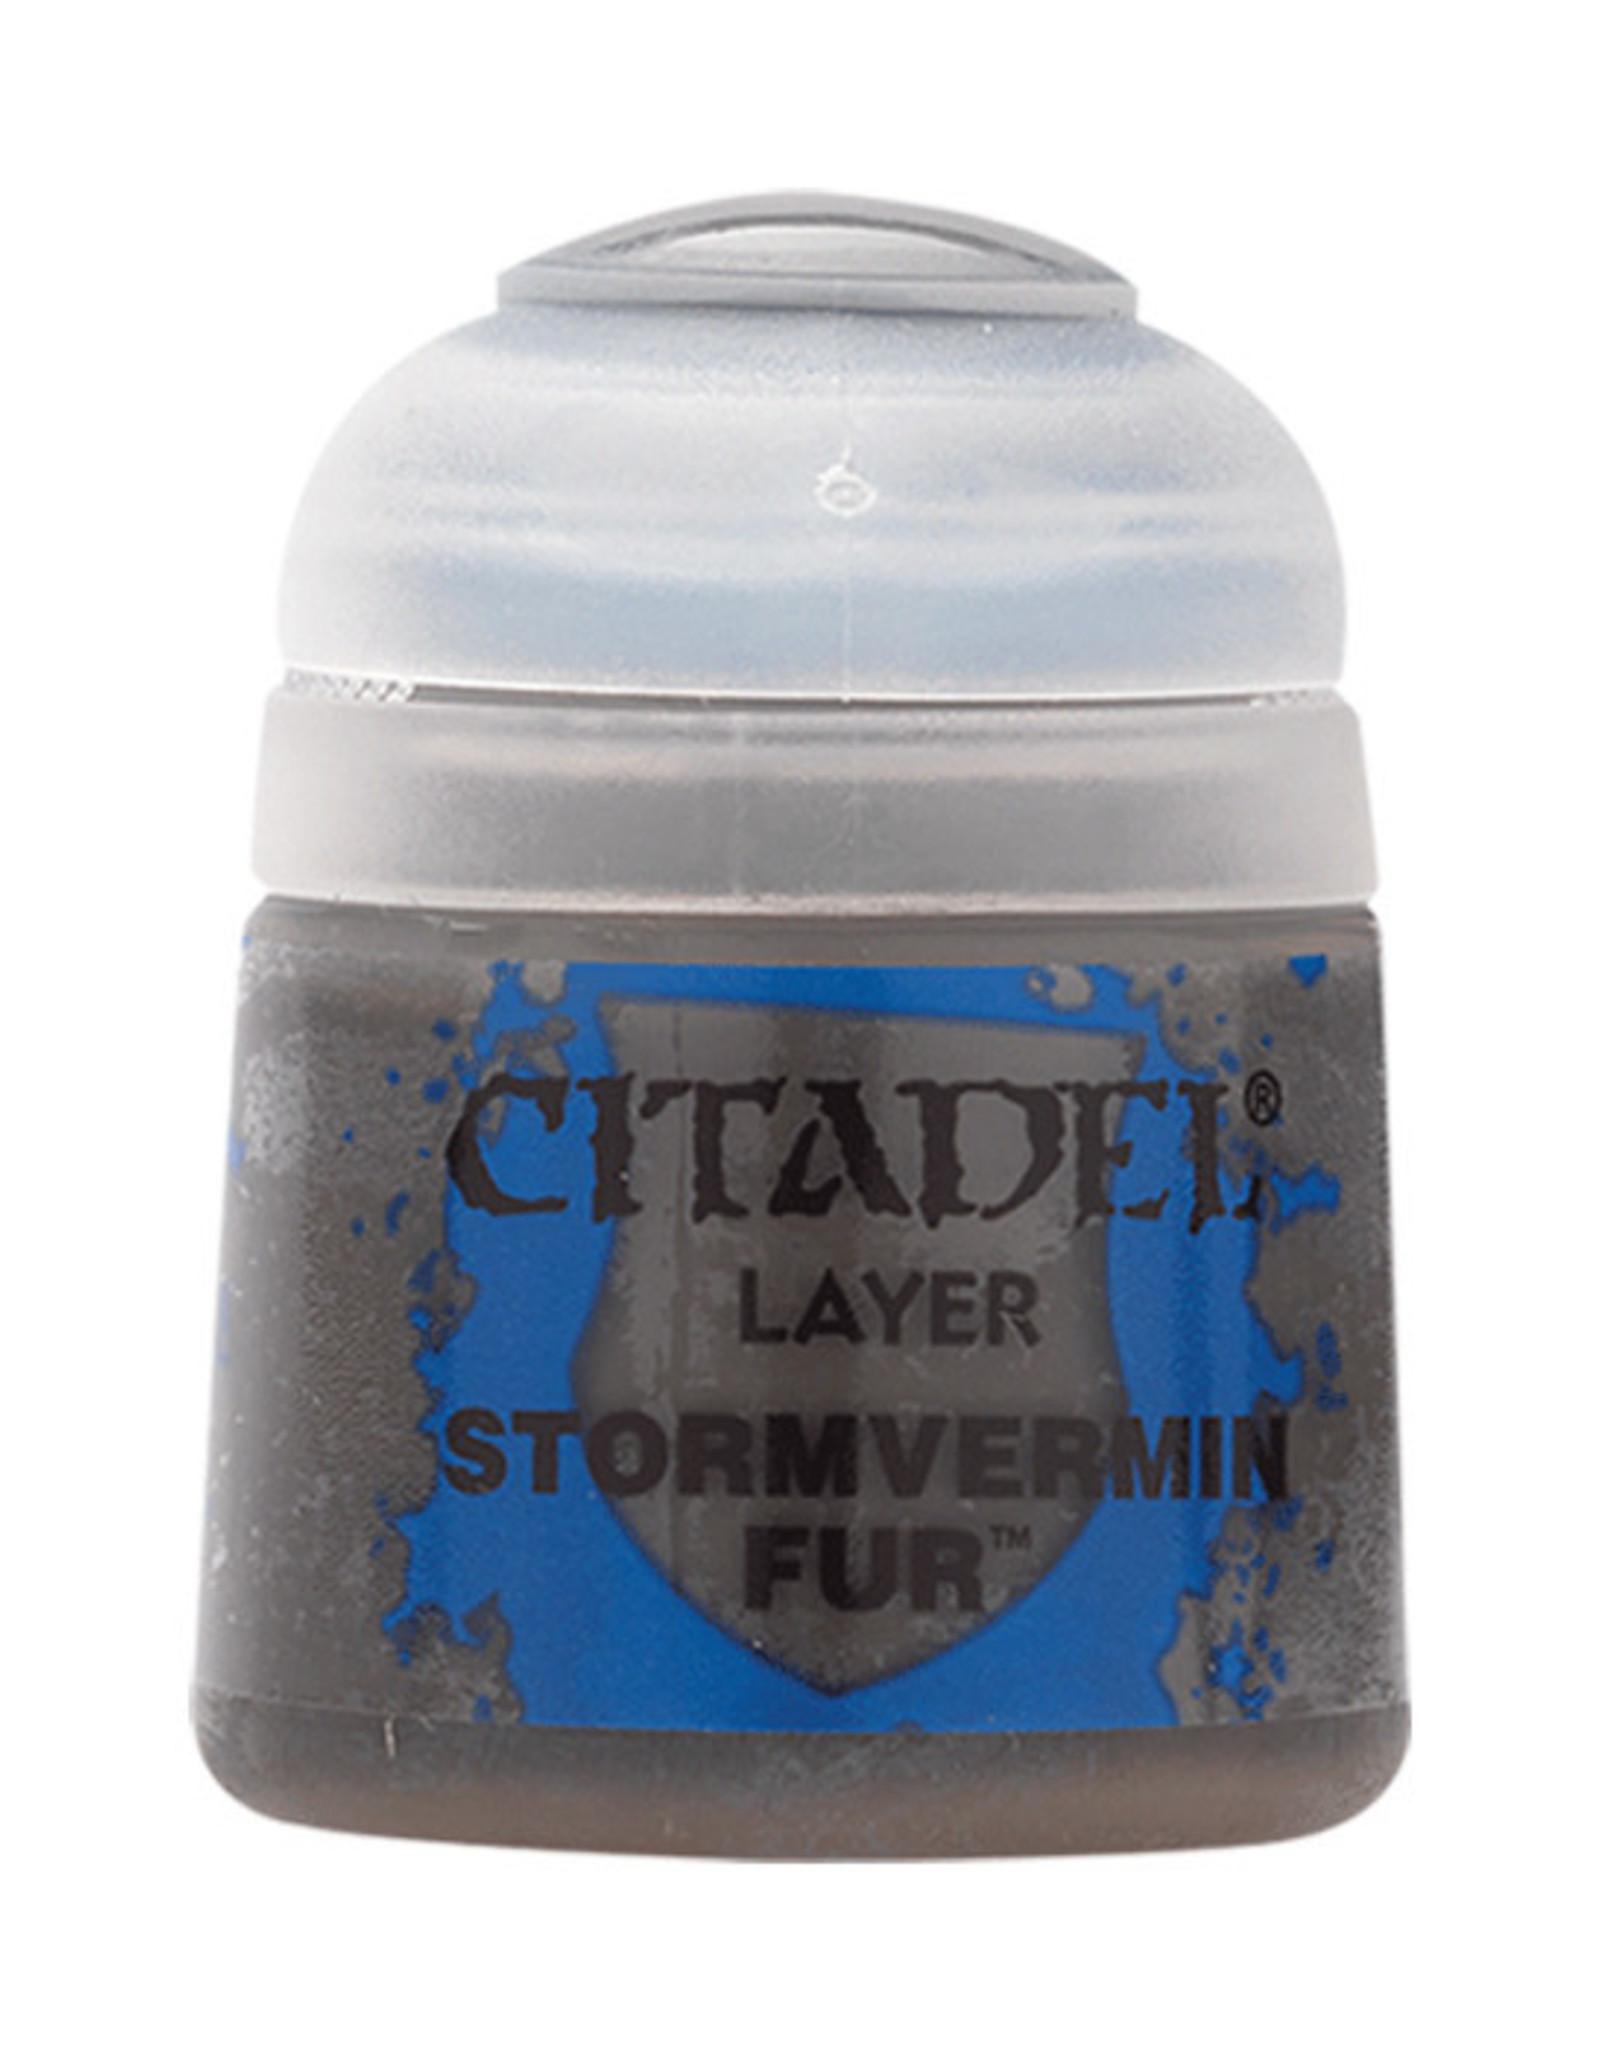 Citadel Citadel Colour: Layer - Stormvermin Fur